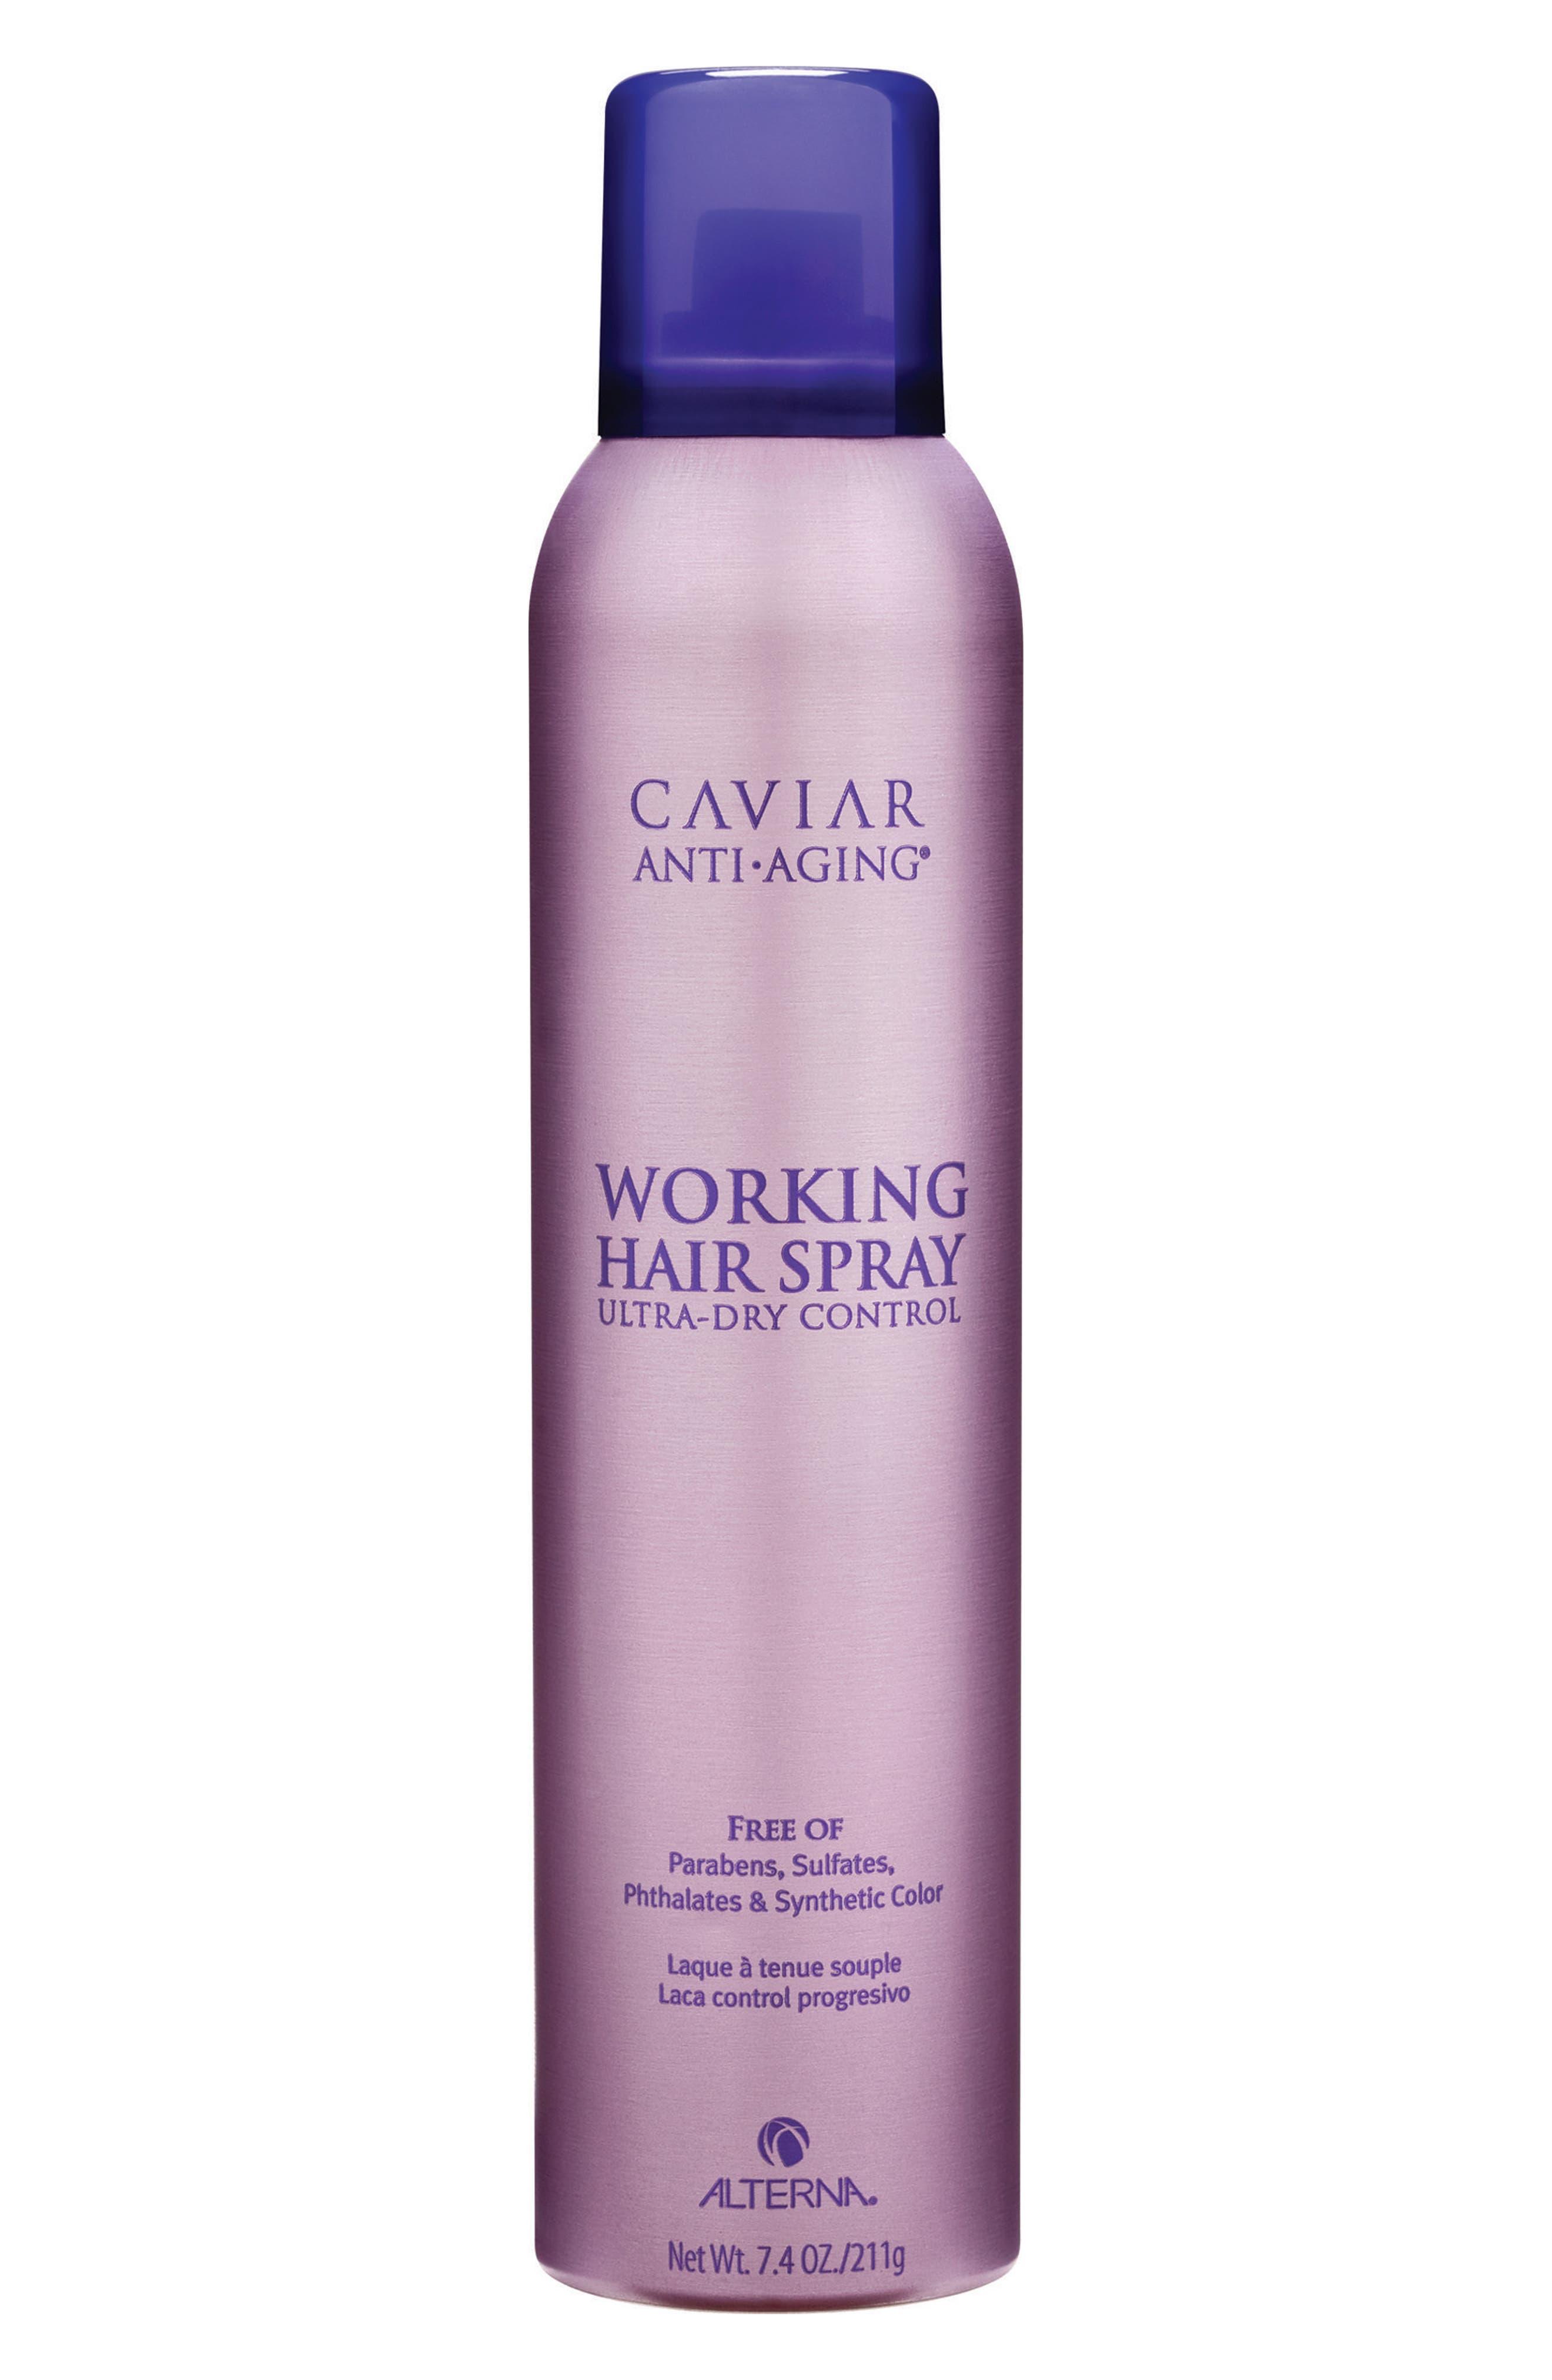 ALTERNA® Caviar Anti-Aging Working Hair Spray